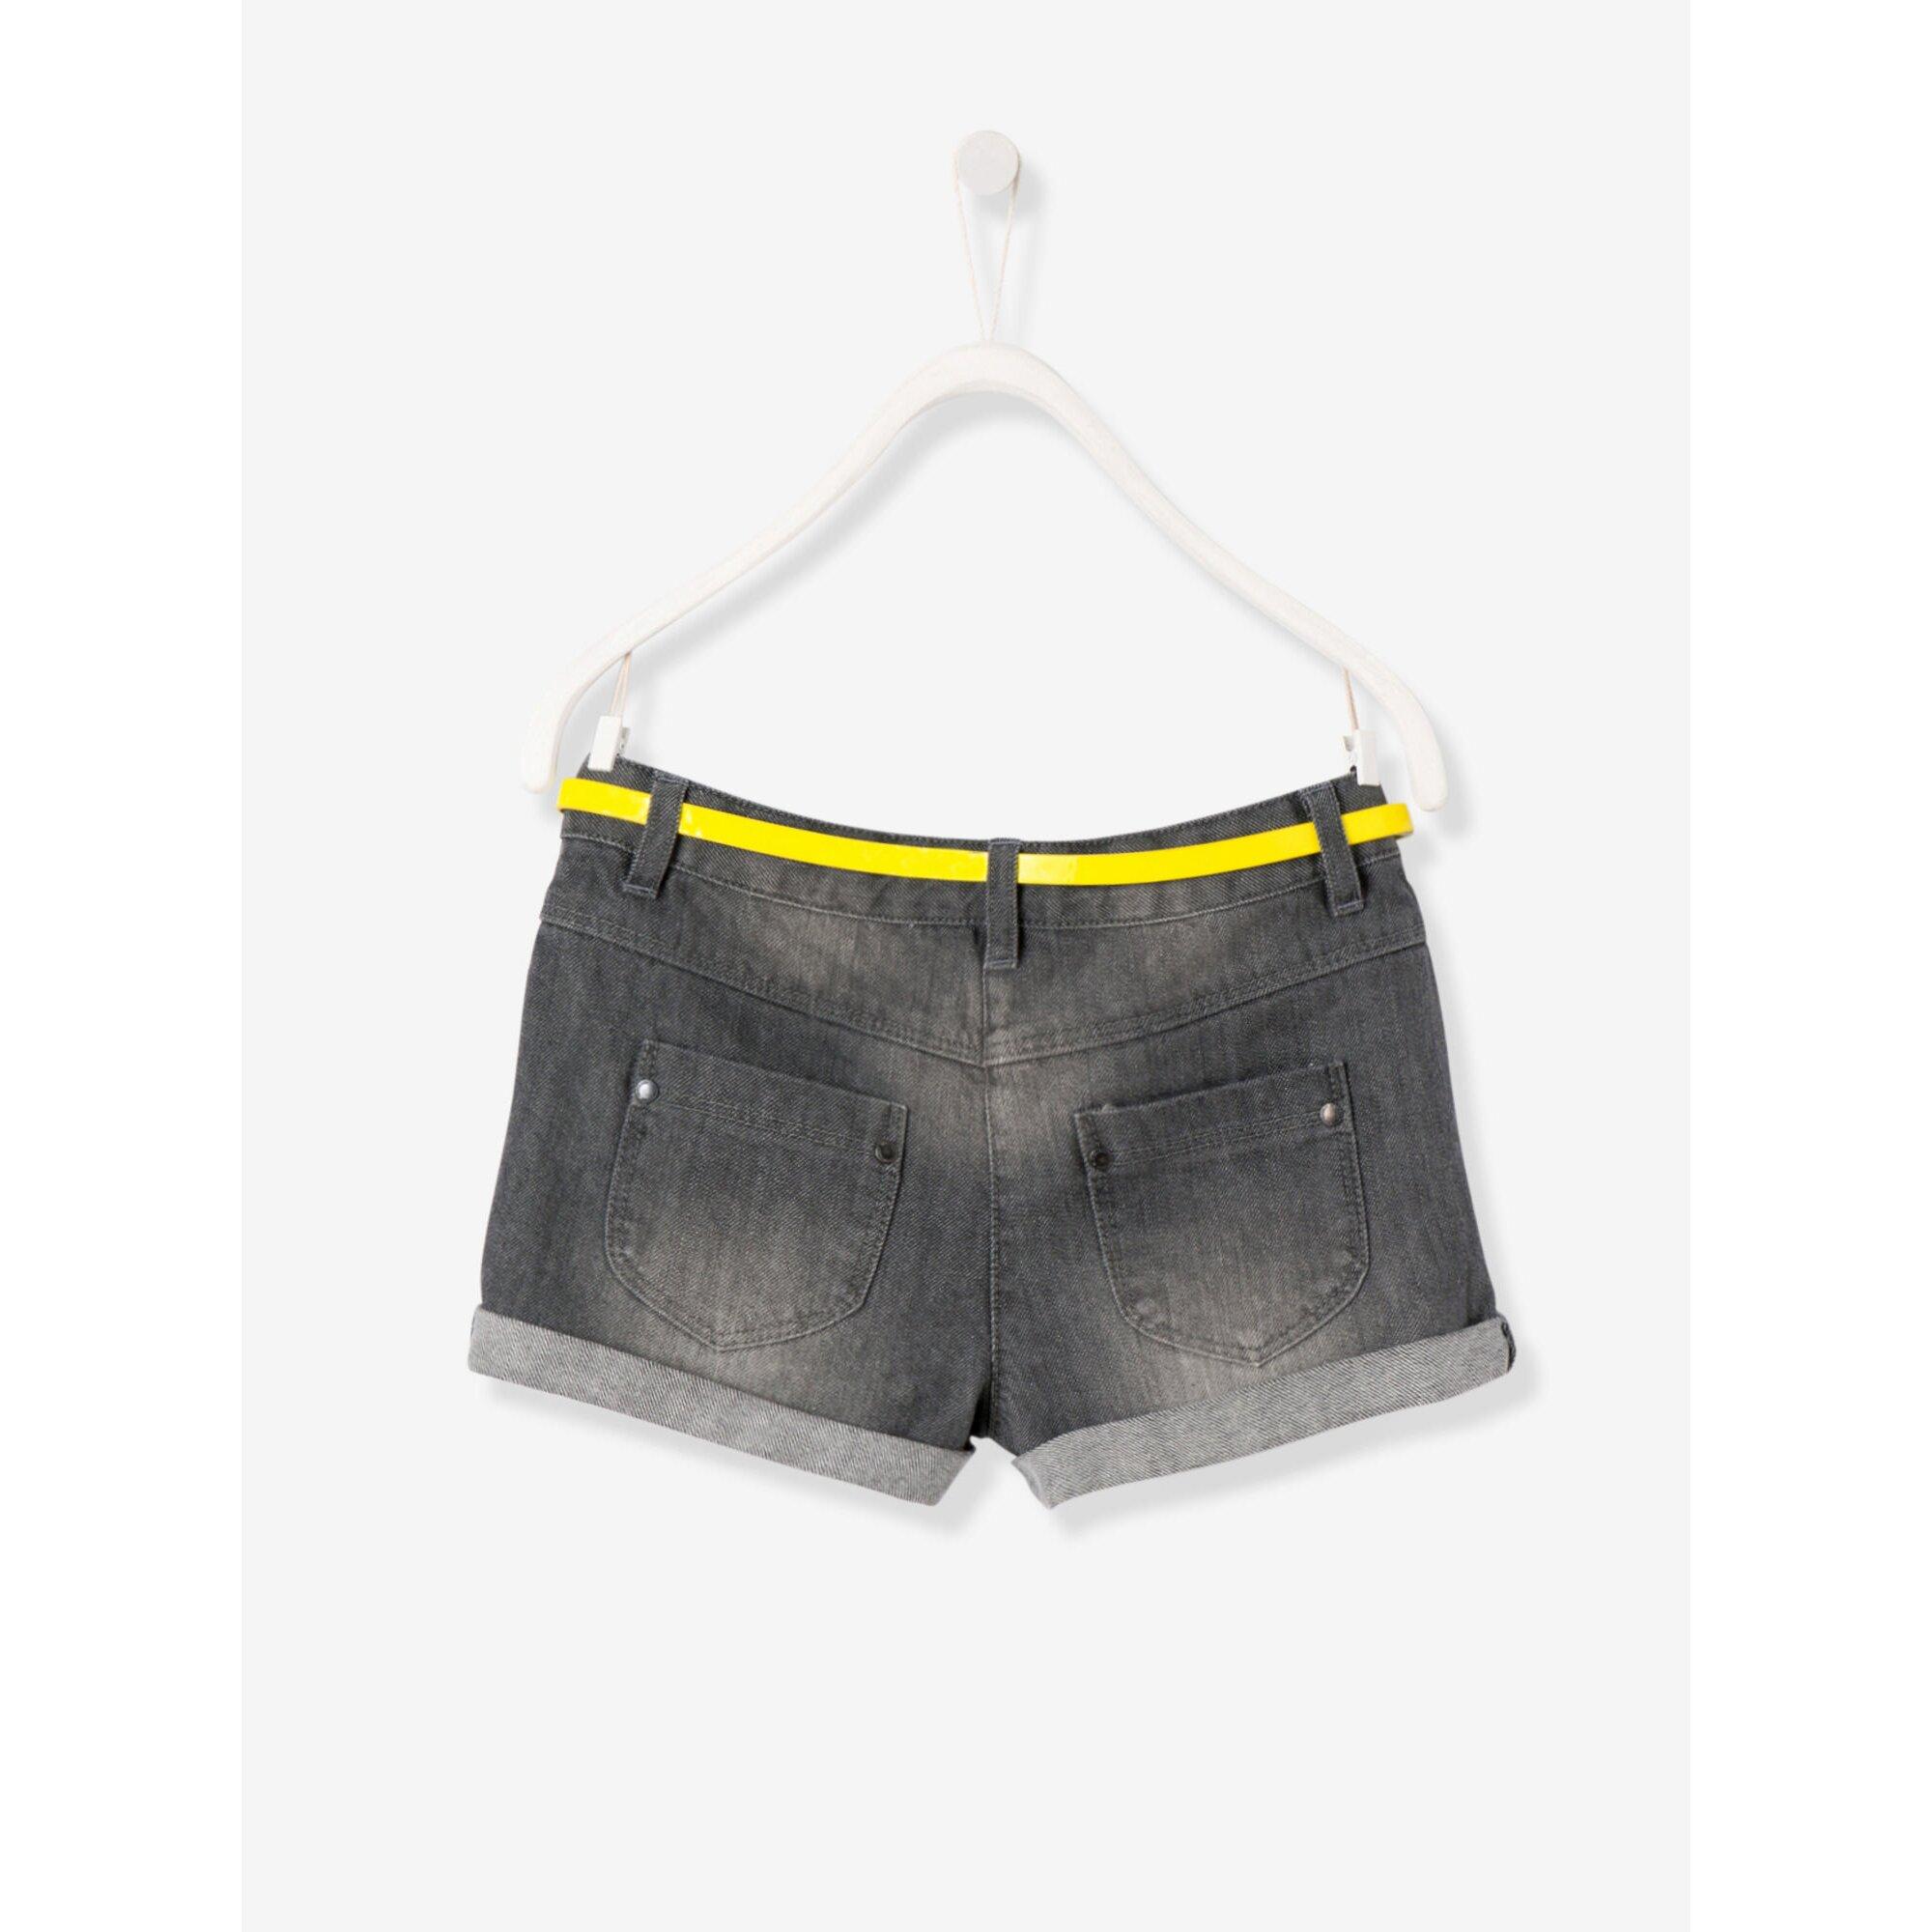 vertbaudet-jeans-shorts-fur-madchen-mit-gurtel